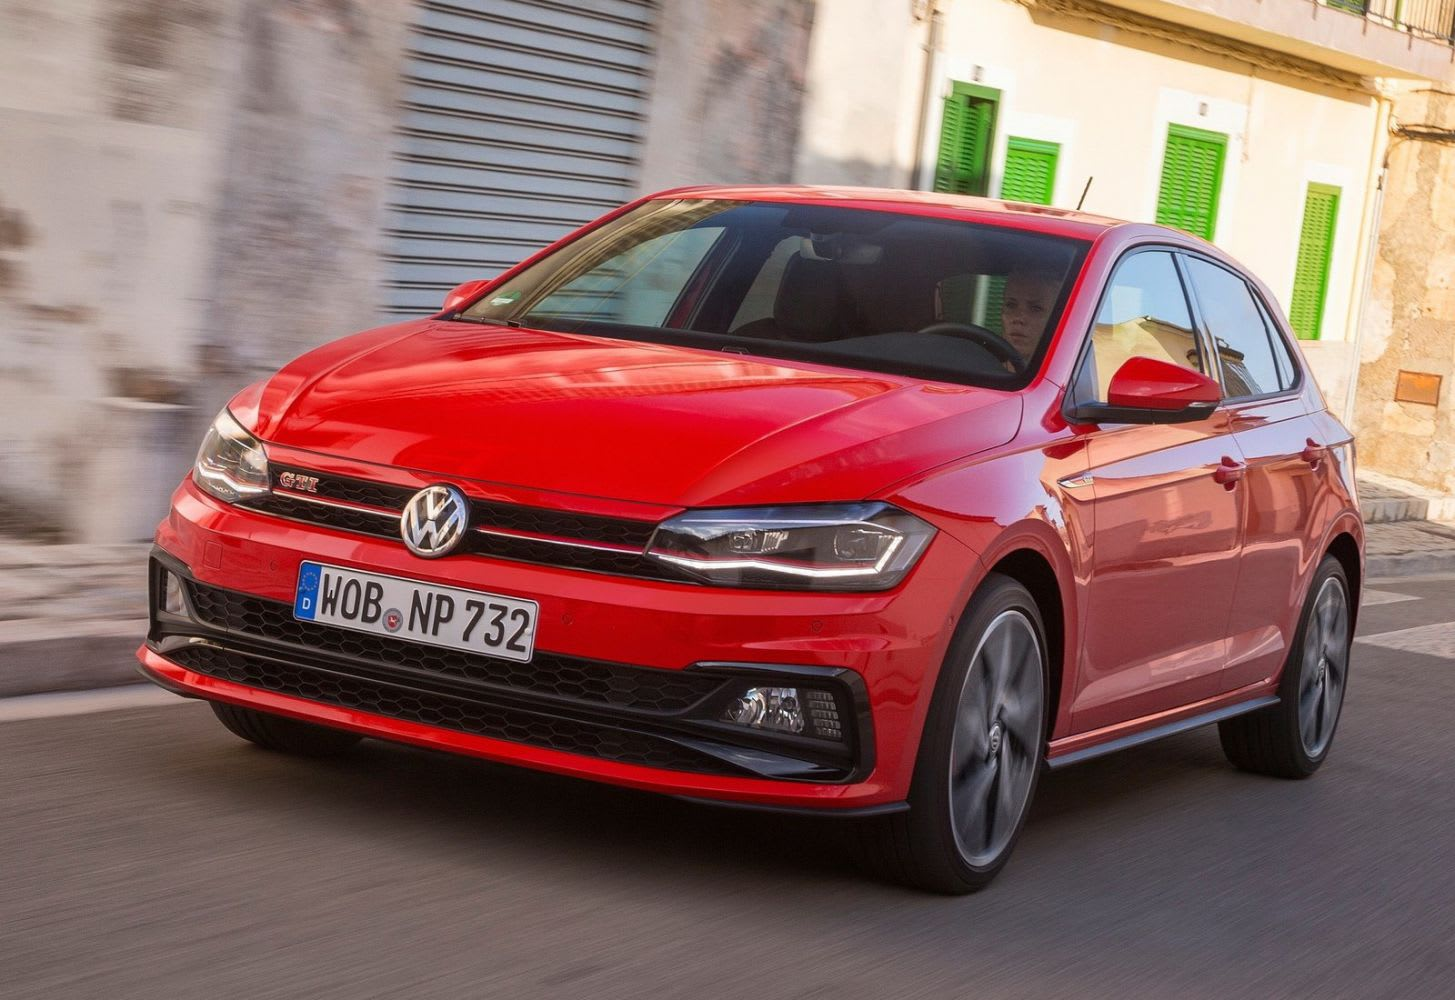 Volkswagen Polo GTI Siparişi Almayı Durdurdu!